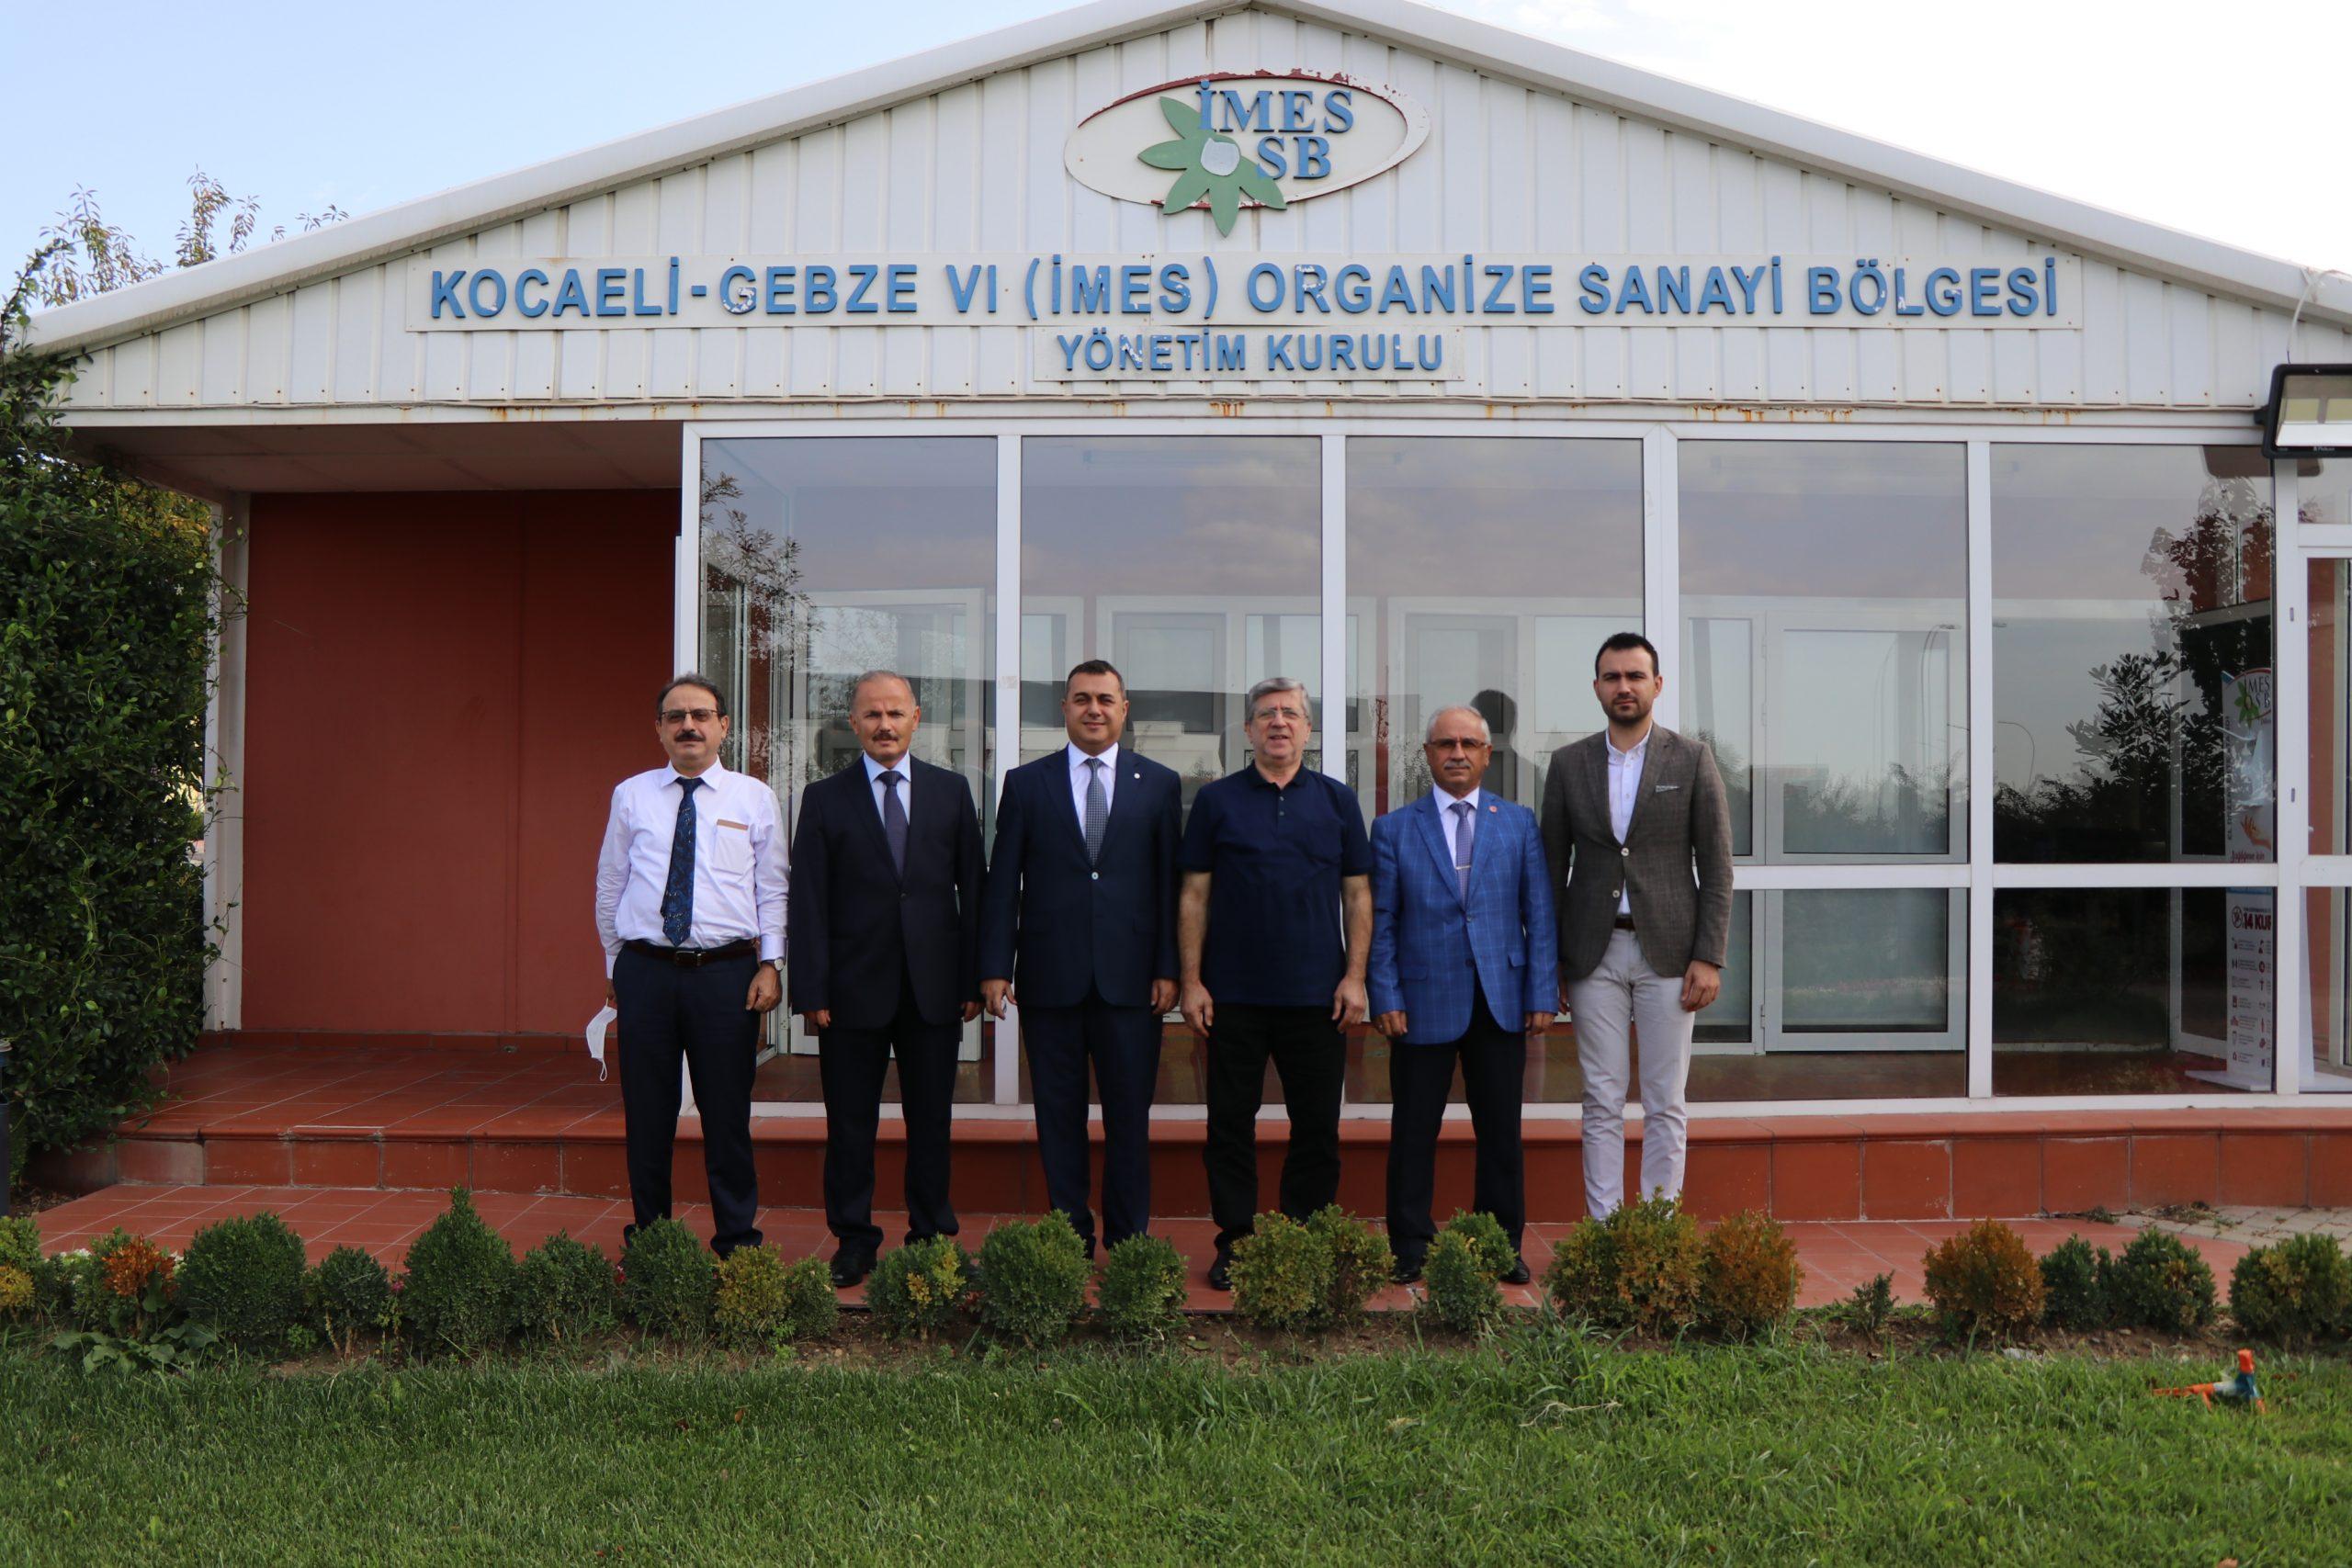 İMES OSB Dilovası Yönetim Kurulu Başkanı; Ahmet TOKKAN Oldu!